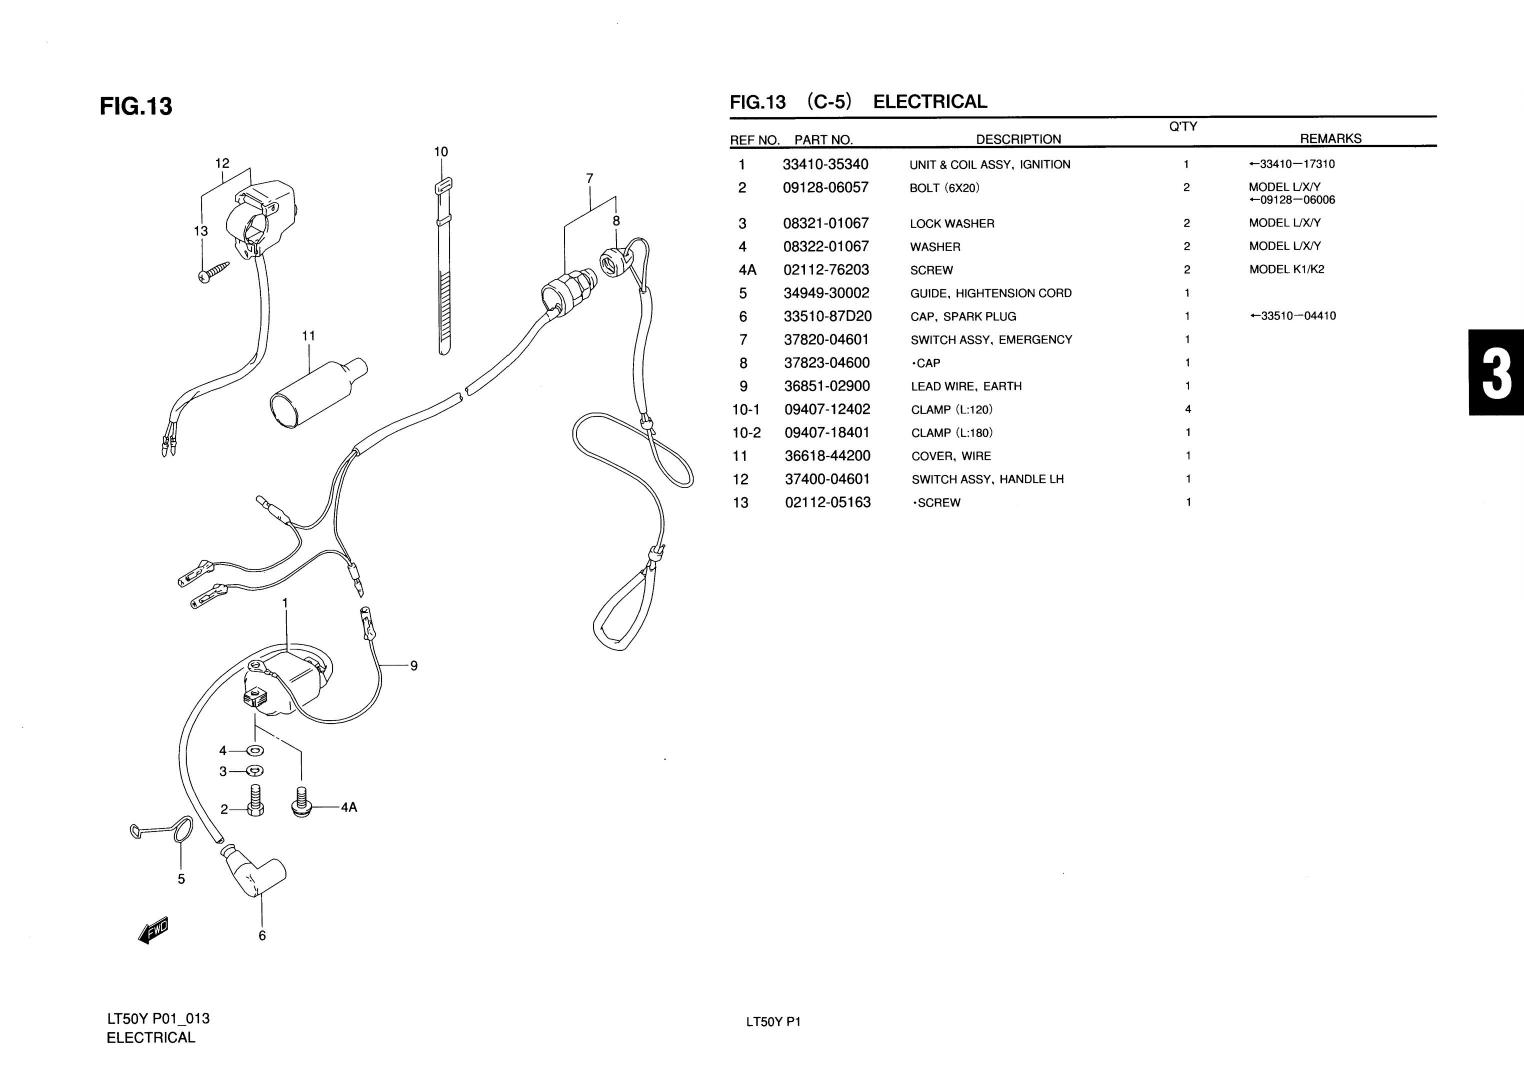 Genuine Suzuki Lt50 Atv Electrical Emergency Switch Assy